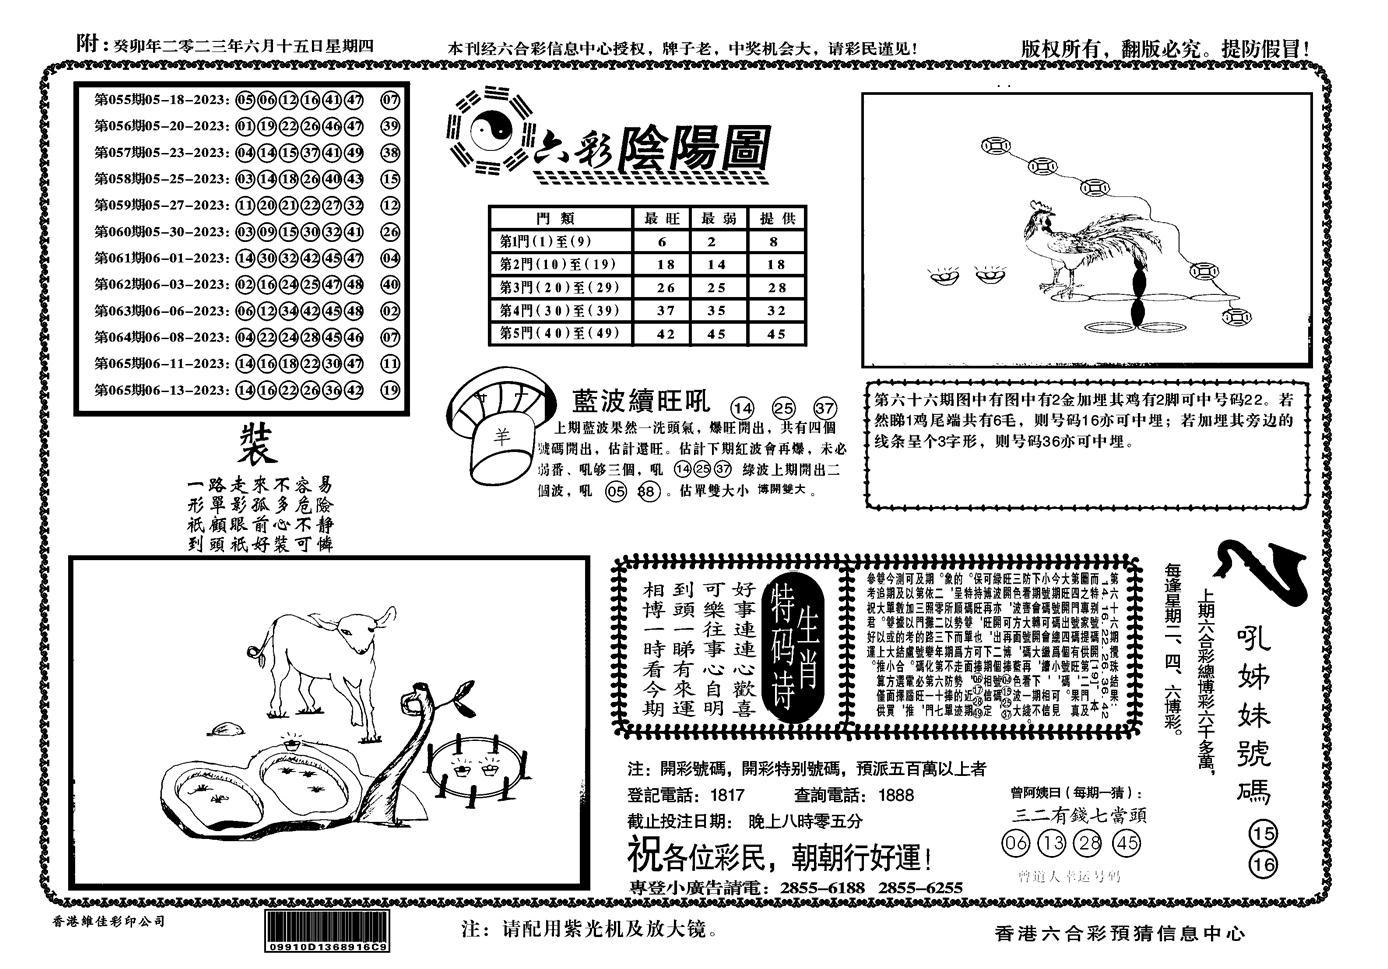 067期六彩阴阳(正版)(黑白)